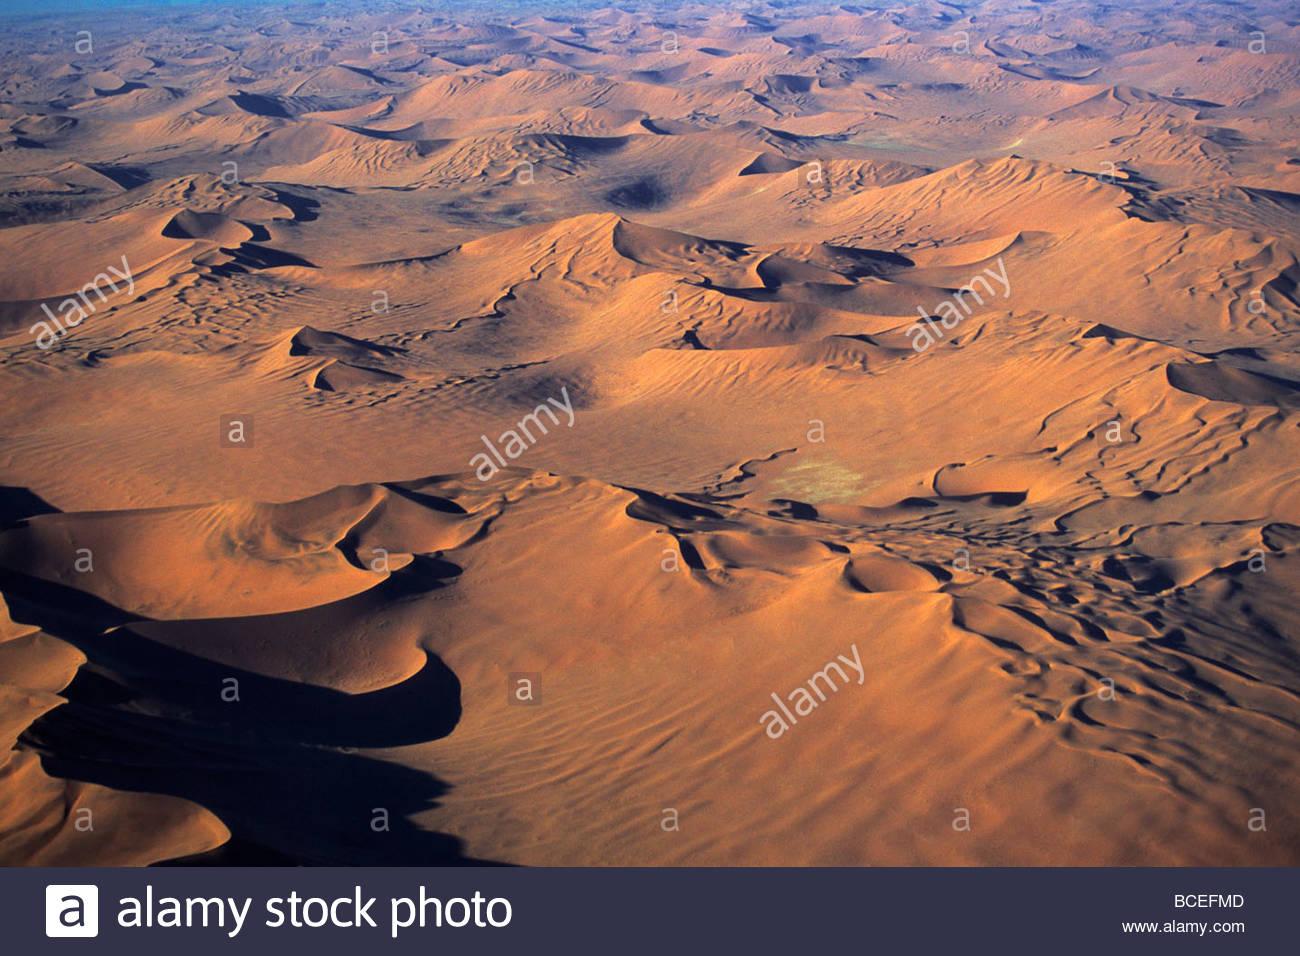 Eine Luftaufnahme der namibischen Wüste. Stockfoto